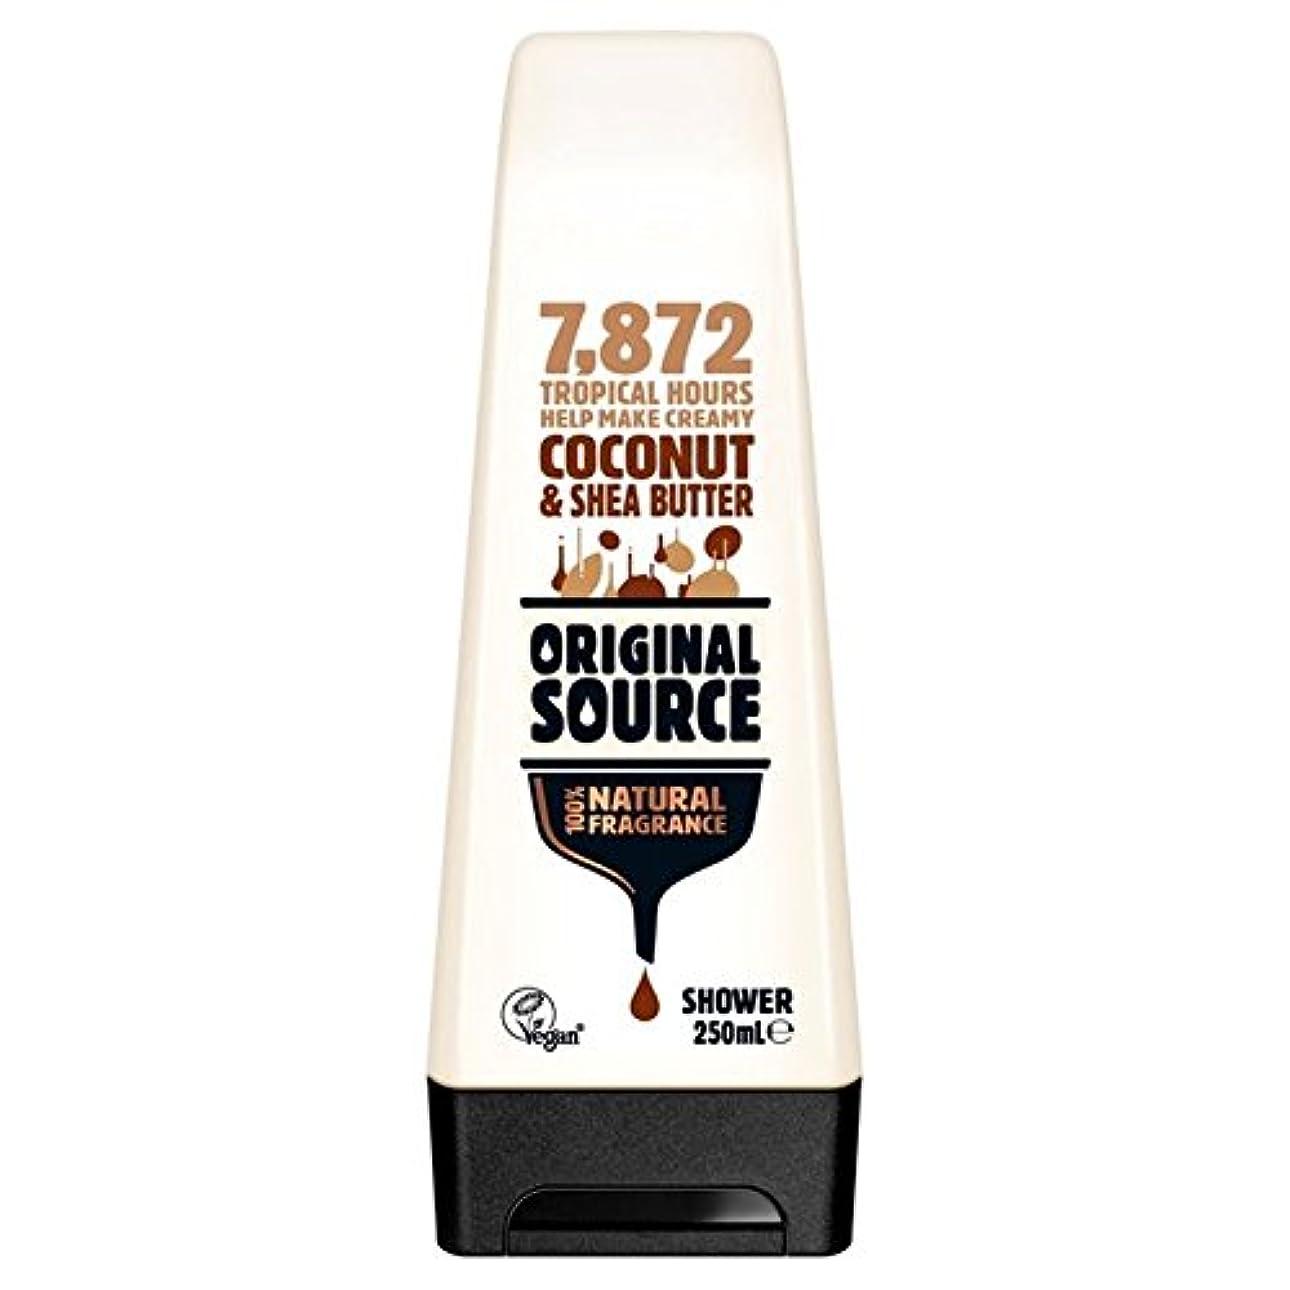 デンマーク語とても多くの浜辺Original Source Moisturising Coconut & Shea Butter Shower Gel 250ml - 元のソース保湿ココナッツ&シアバターシャワージェル250ミリリットル [並行輸入品]